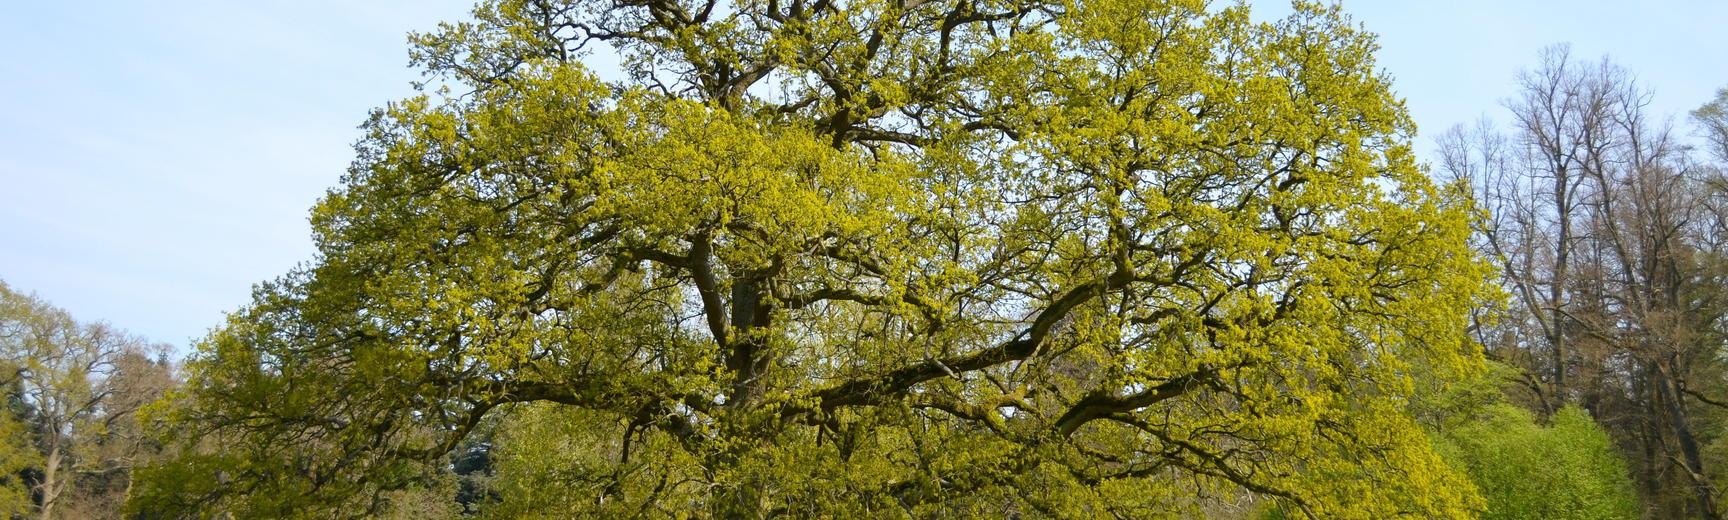 Oak Tree in the Parkland in Spring